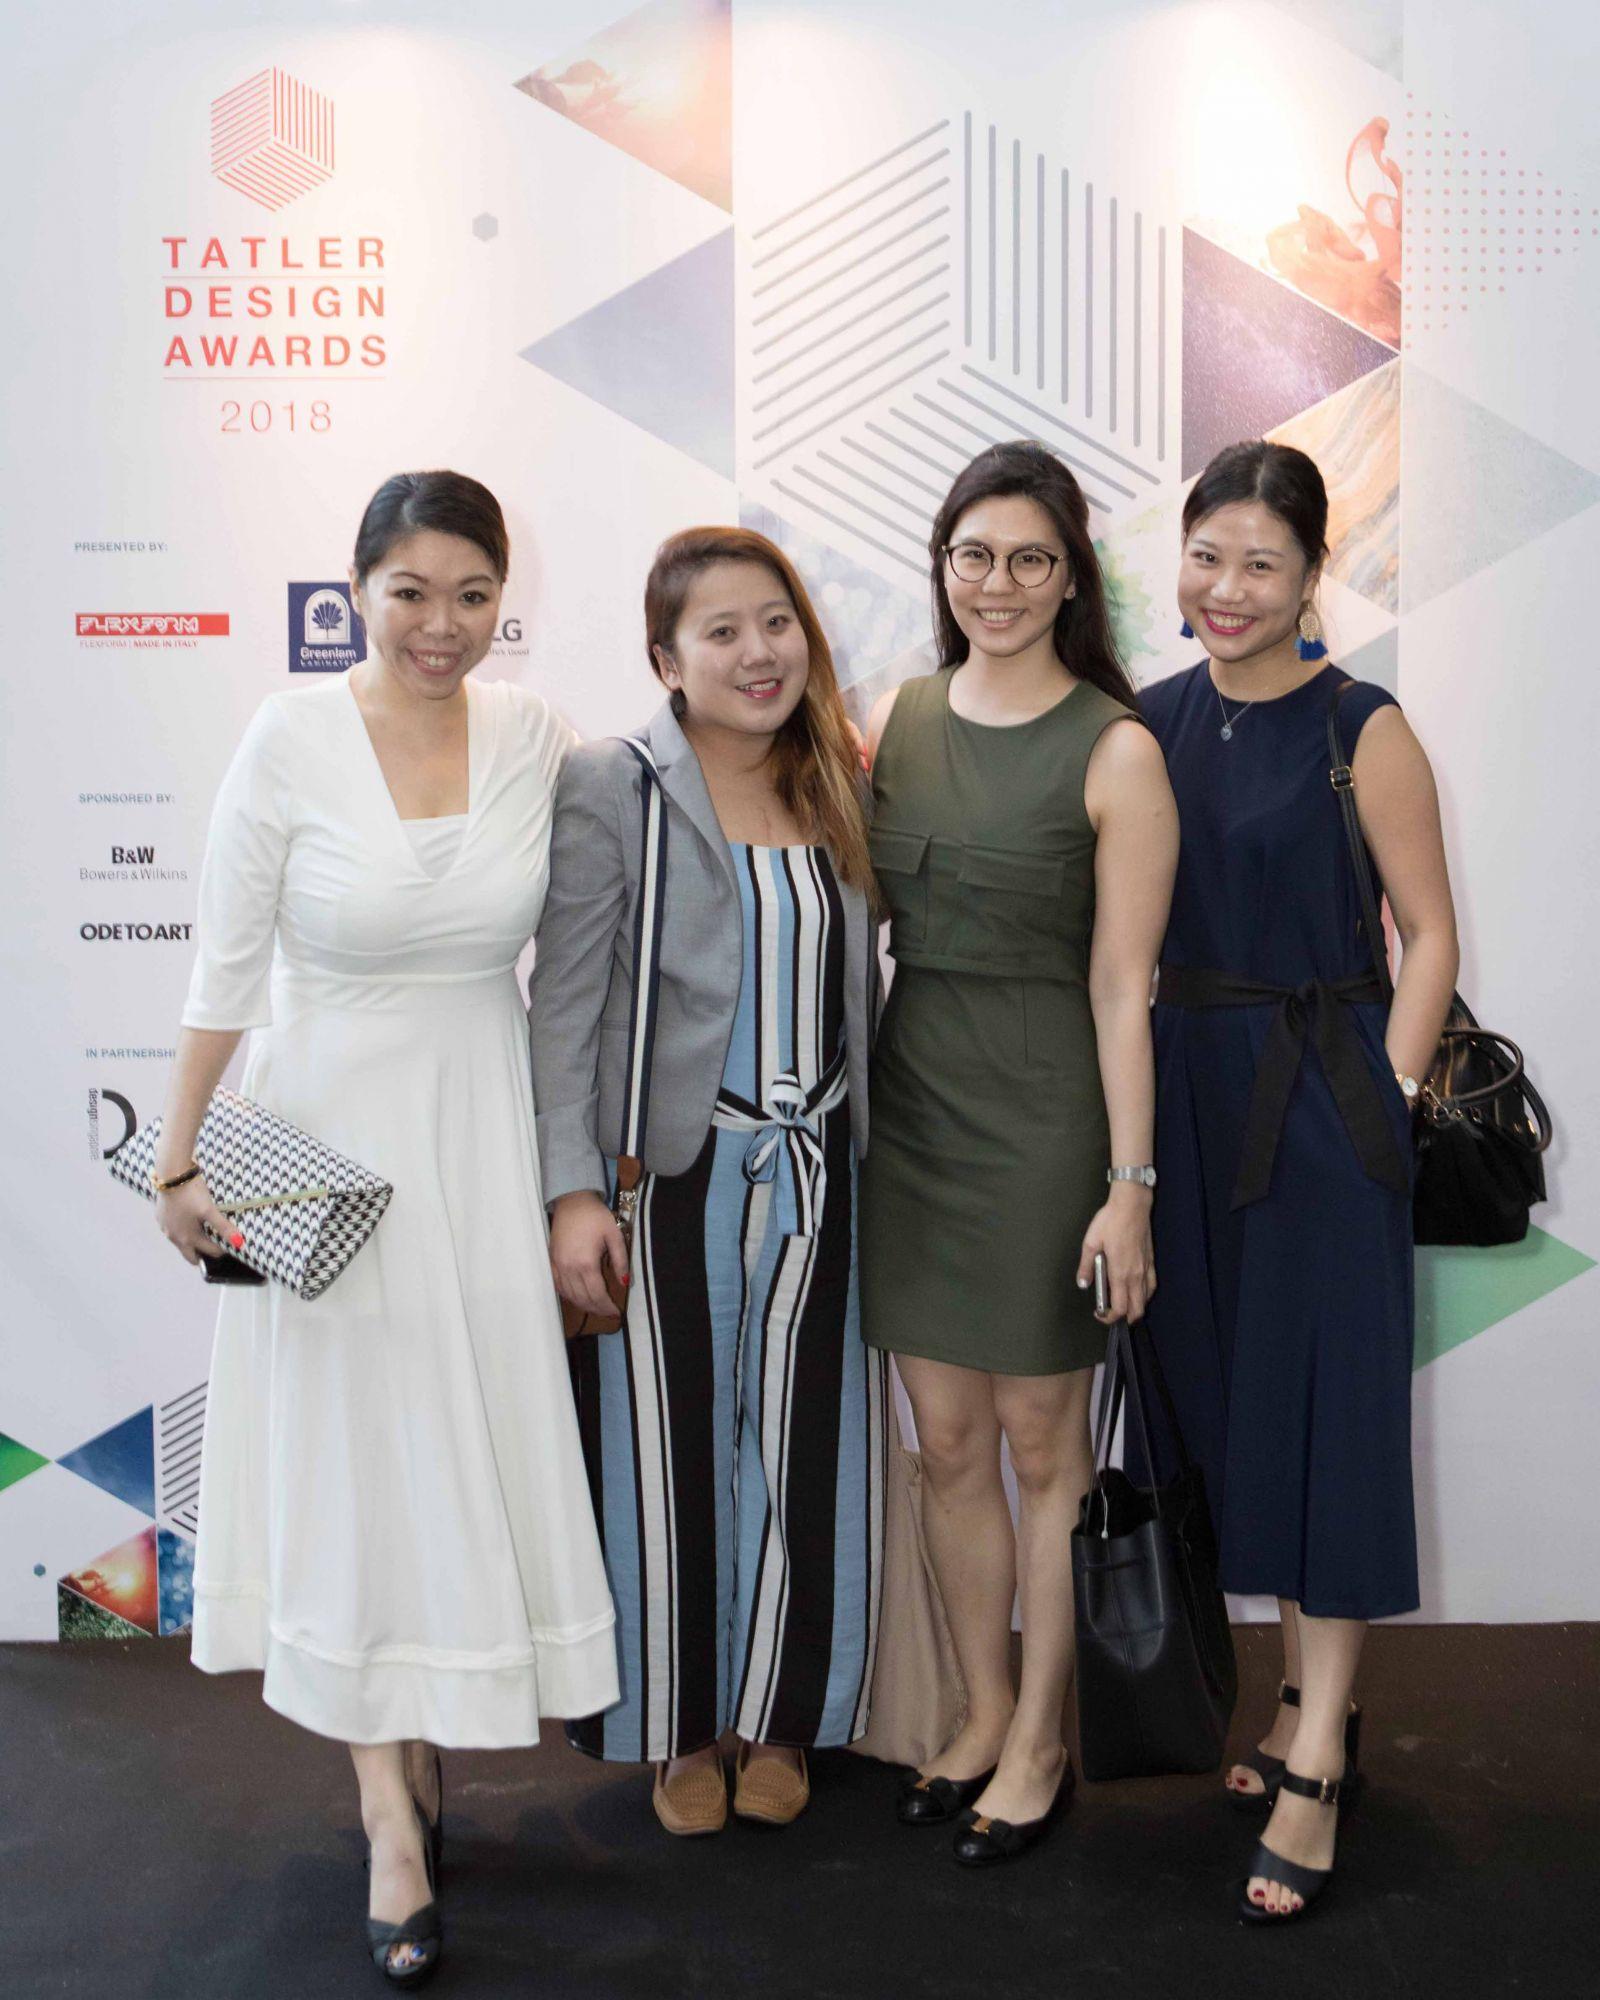 Sophia Wee, Jacinta Lee, Rachel Hong, Catherine Yang